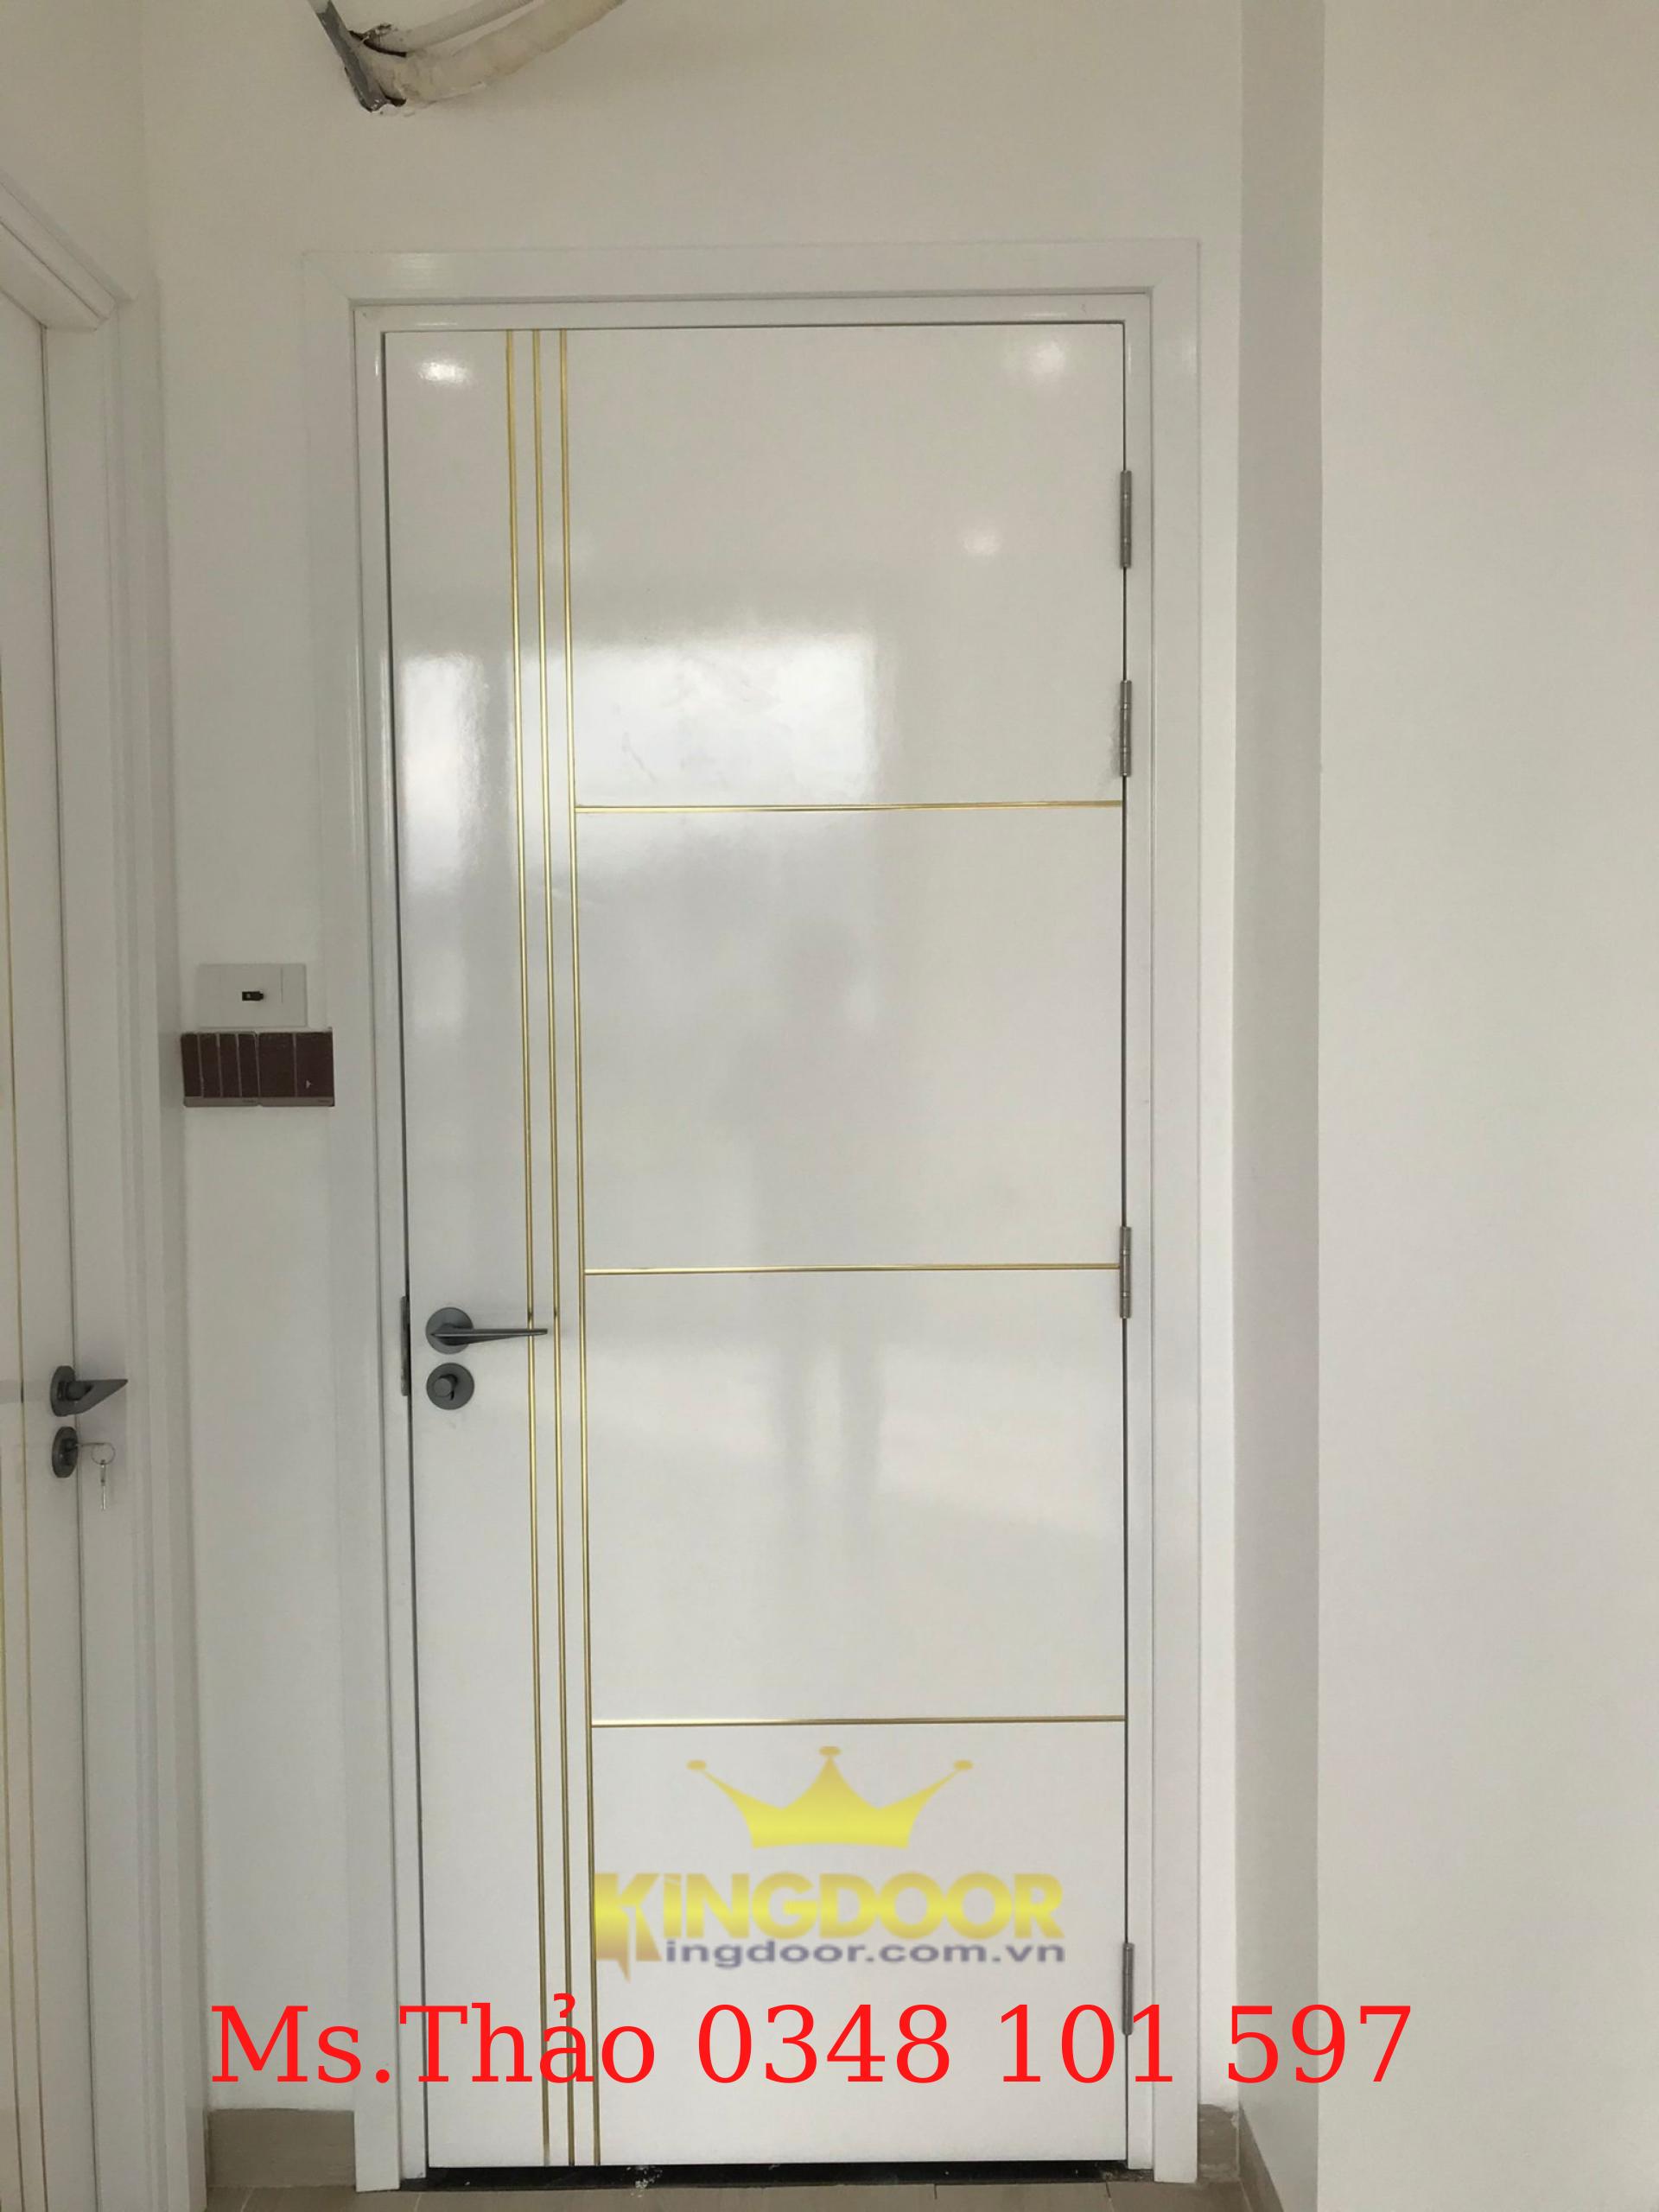 Mẫu cửa nhựa Composite sơn PU chạy chỉ nhôm